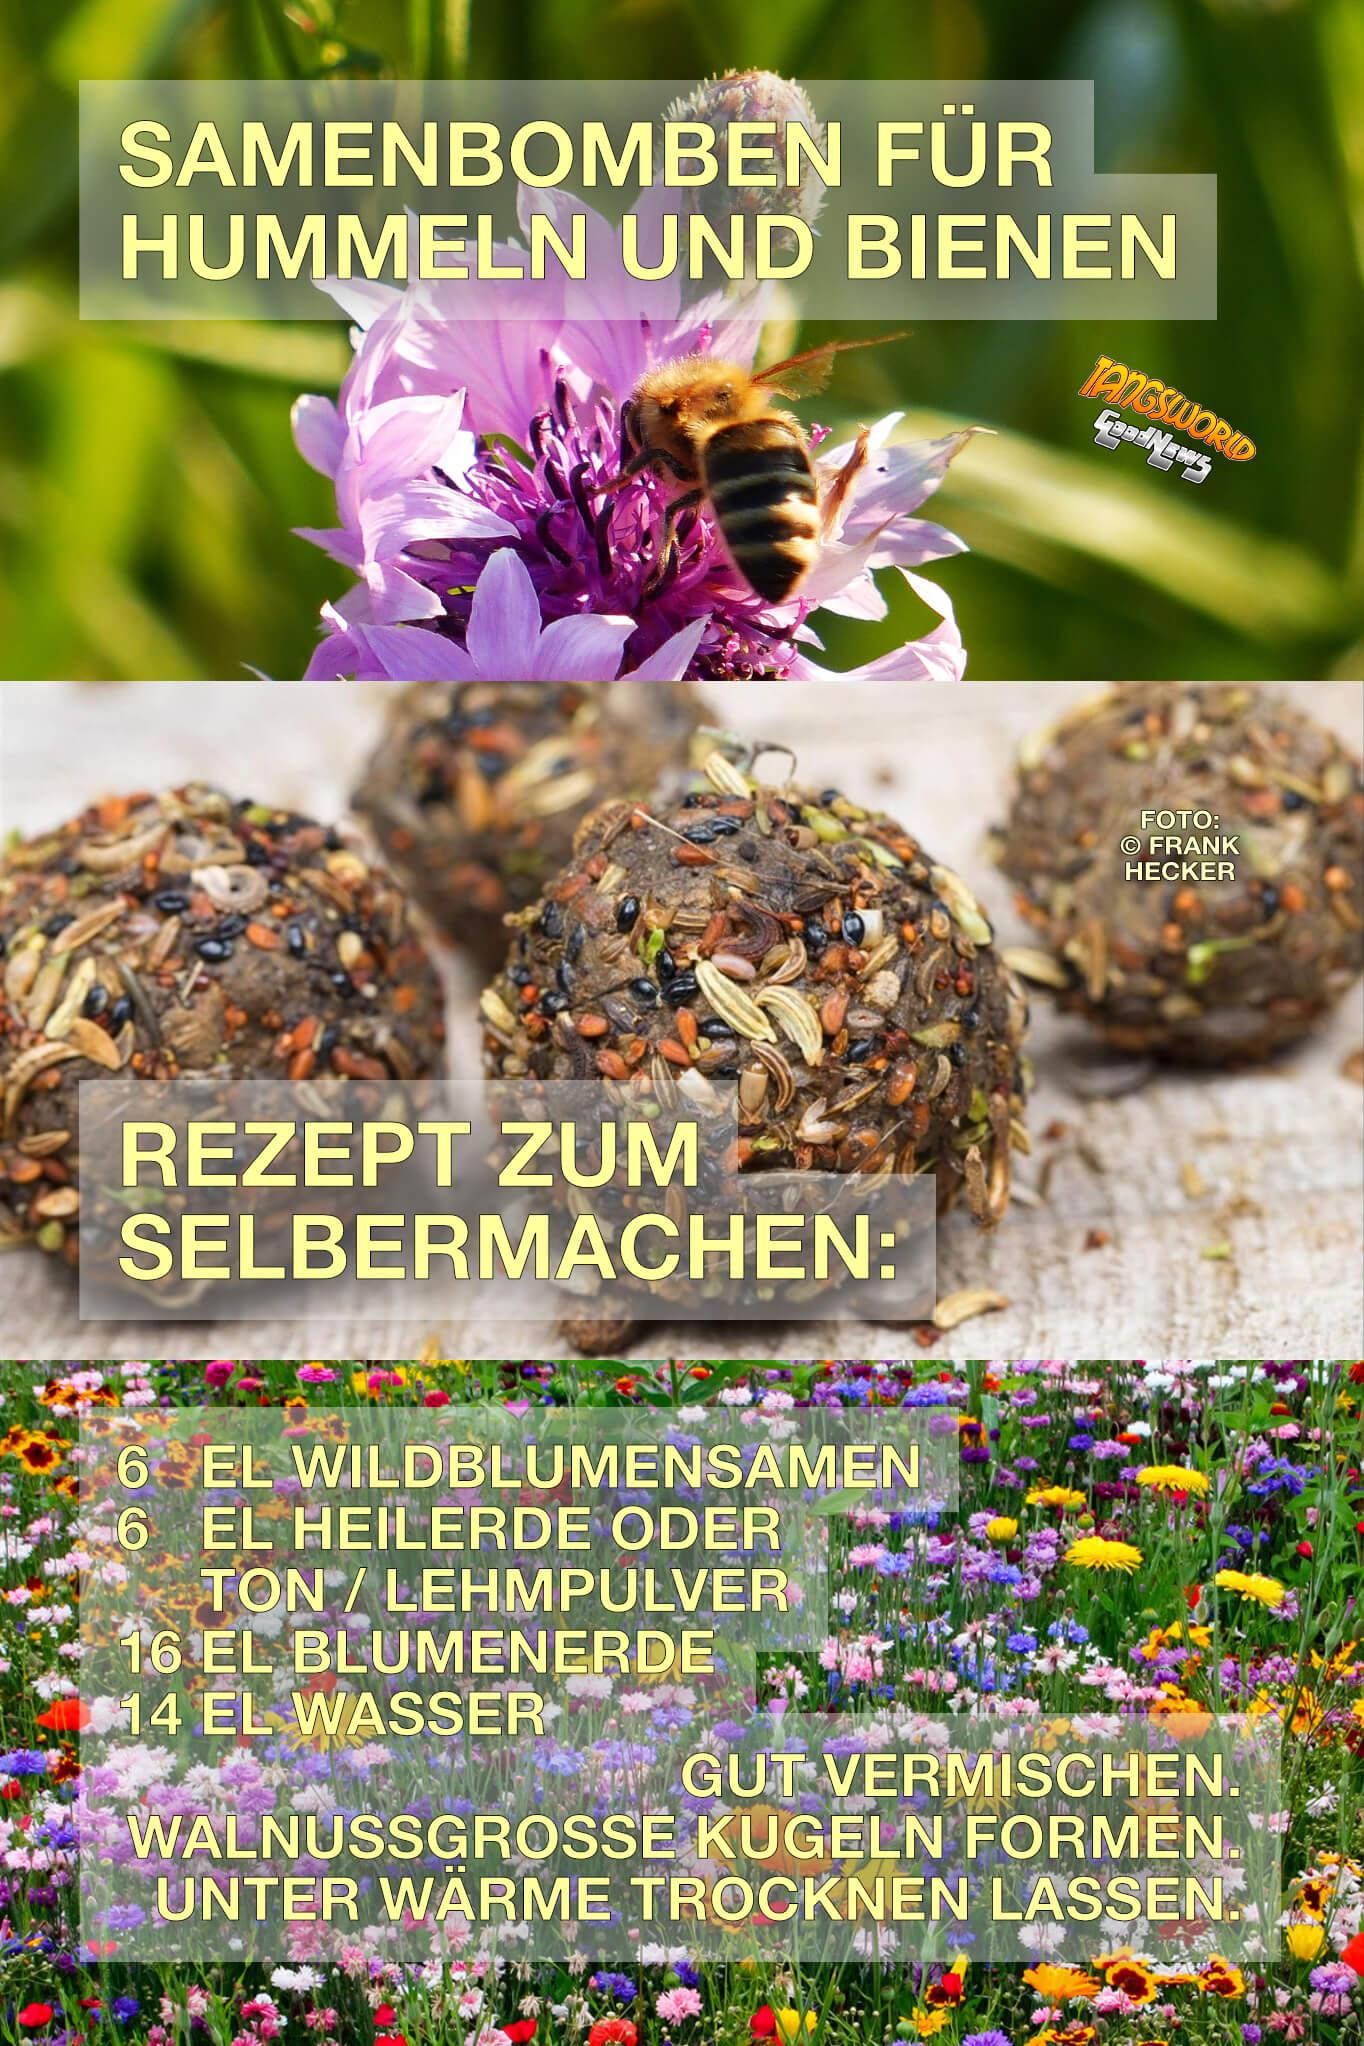 Samenbomben für Hummeln und Bienen - Rezept zum Selbermachen und mehr. - GoodNews